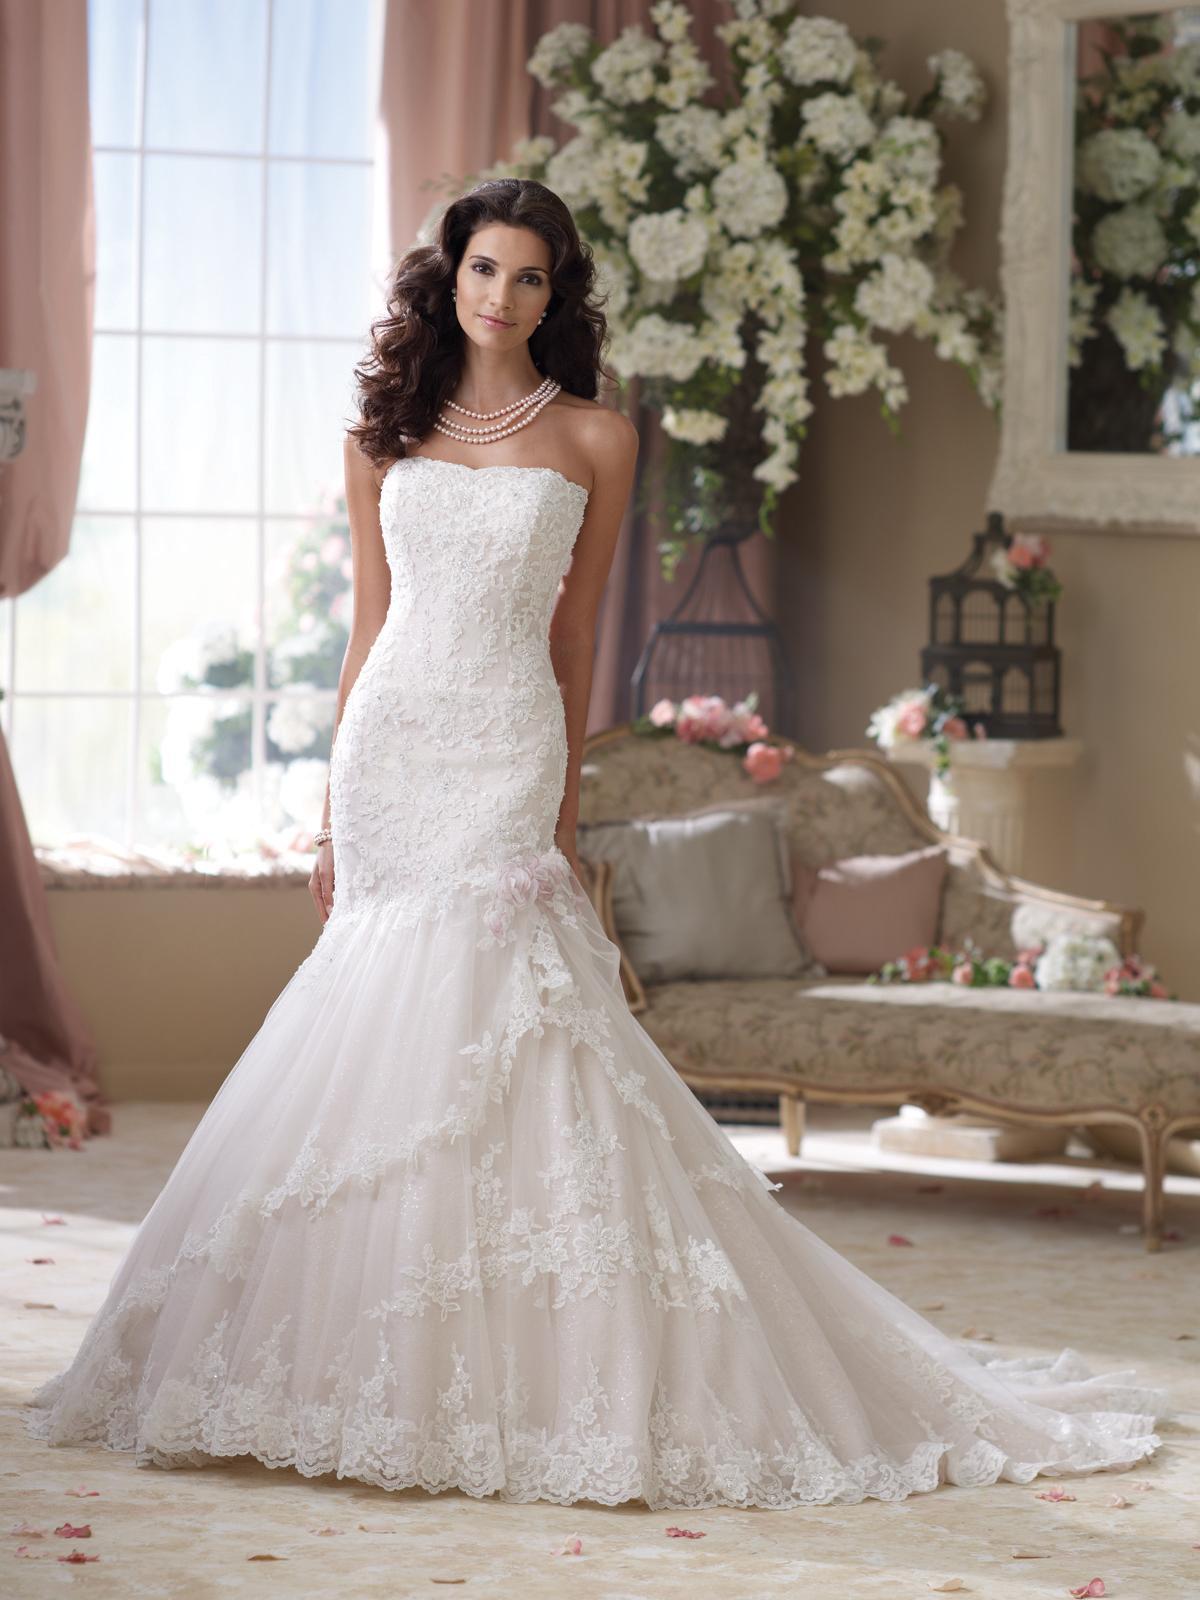 Svadobné šaty, čo sa mi páčia :) - Obrázok č. 72